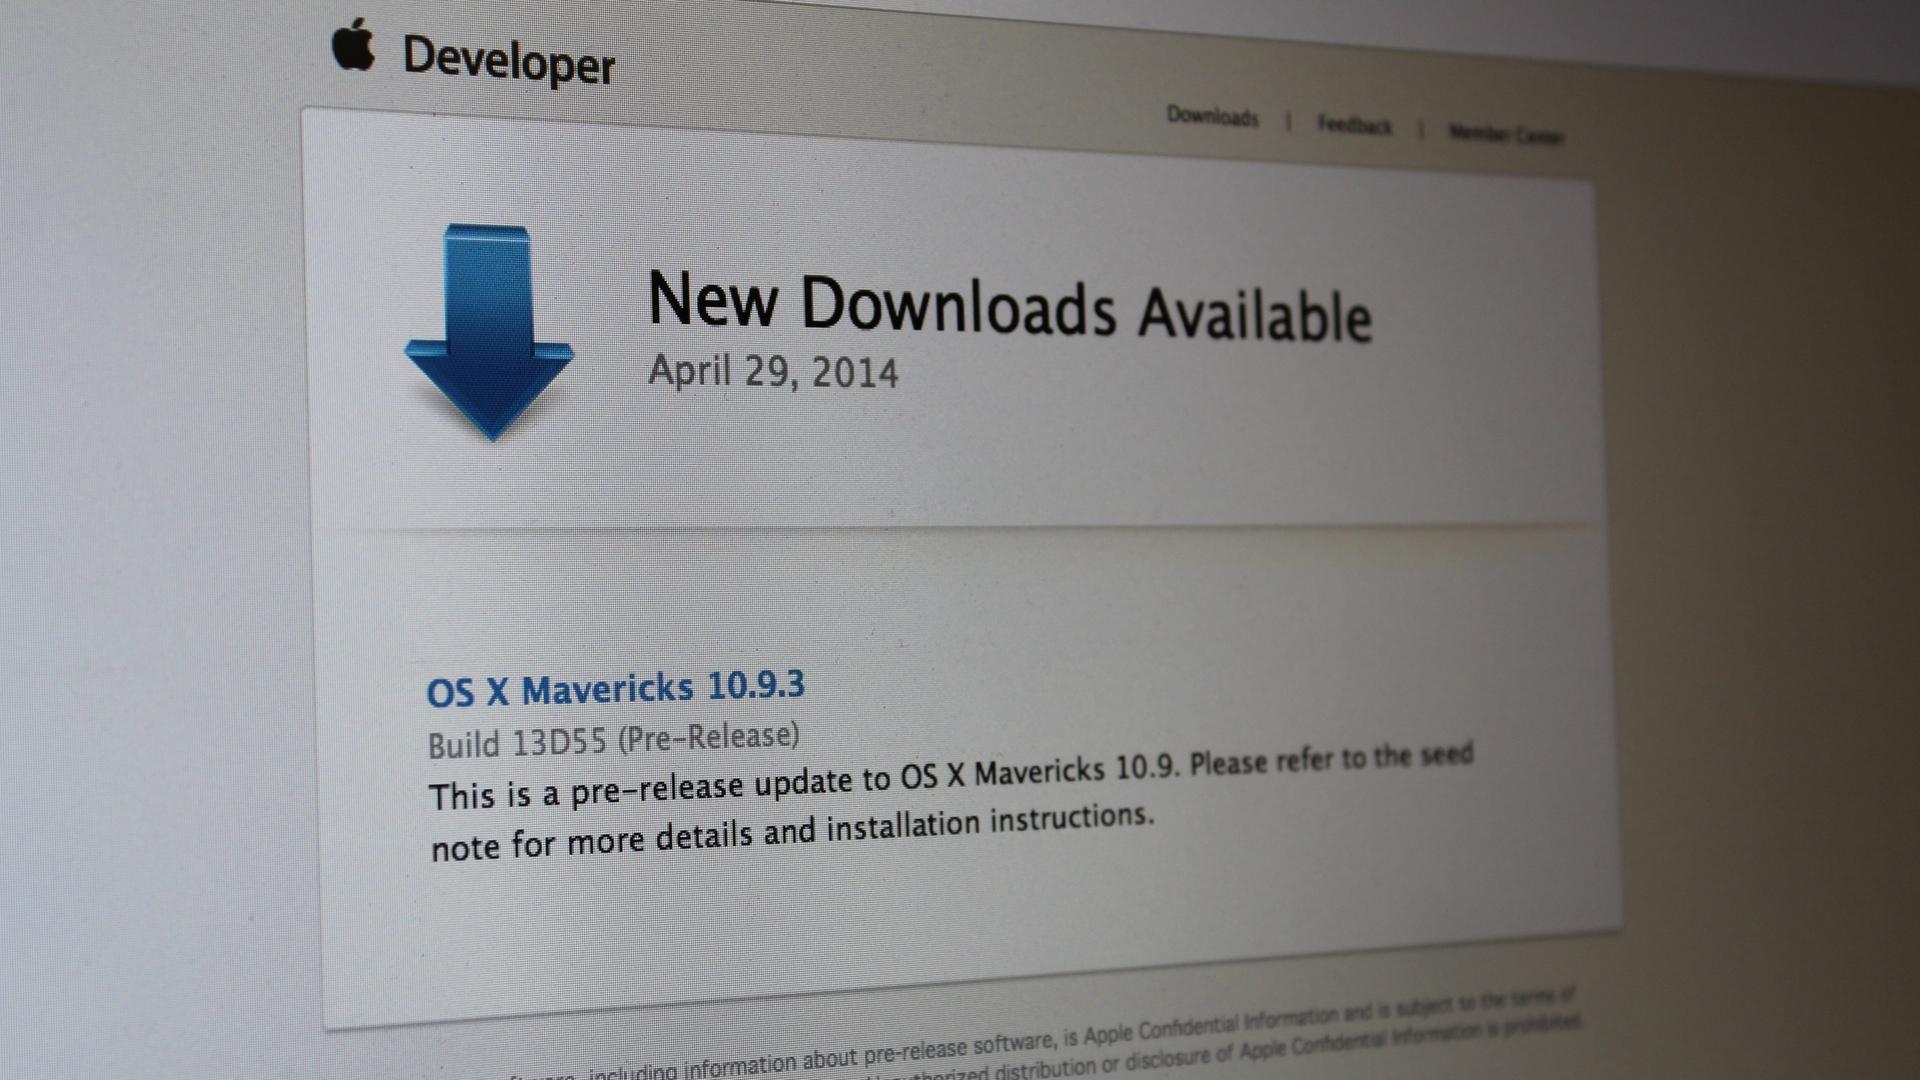 OS X Mavericks 10.9.3 build 13D55